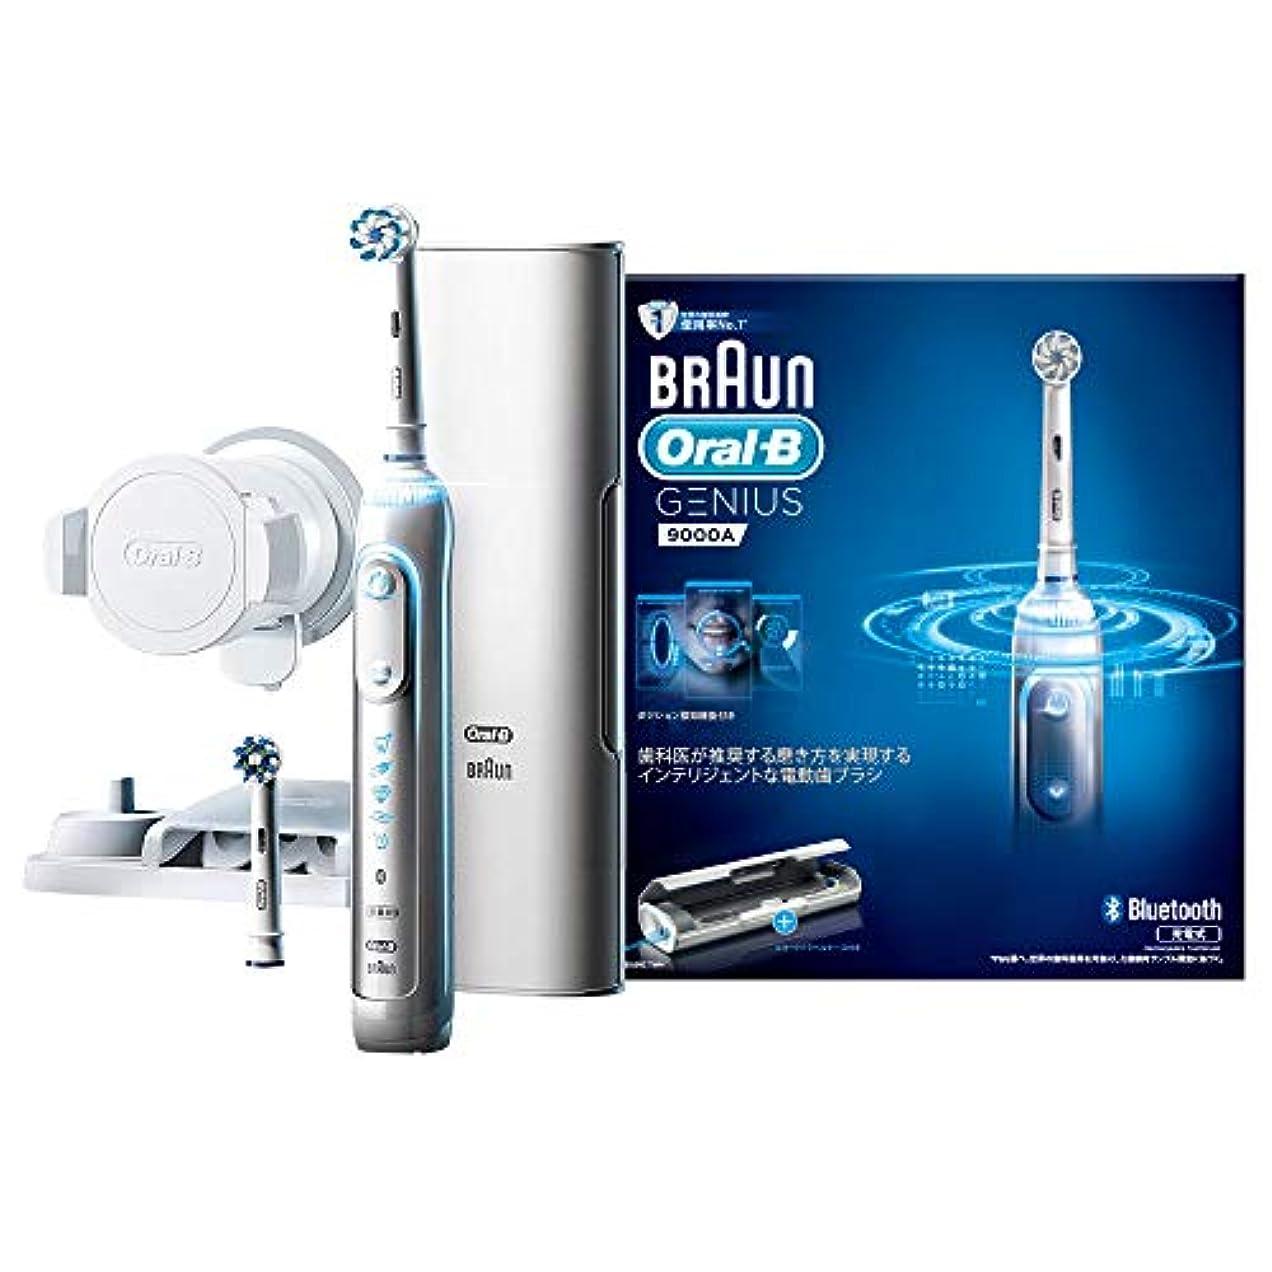 入植者パンツ想像力ブラウン オーラルB 電動歯ブラシ ジーニアス9000 ホワイト D7015256XCTWH